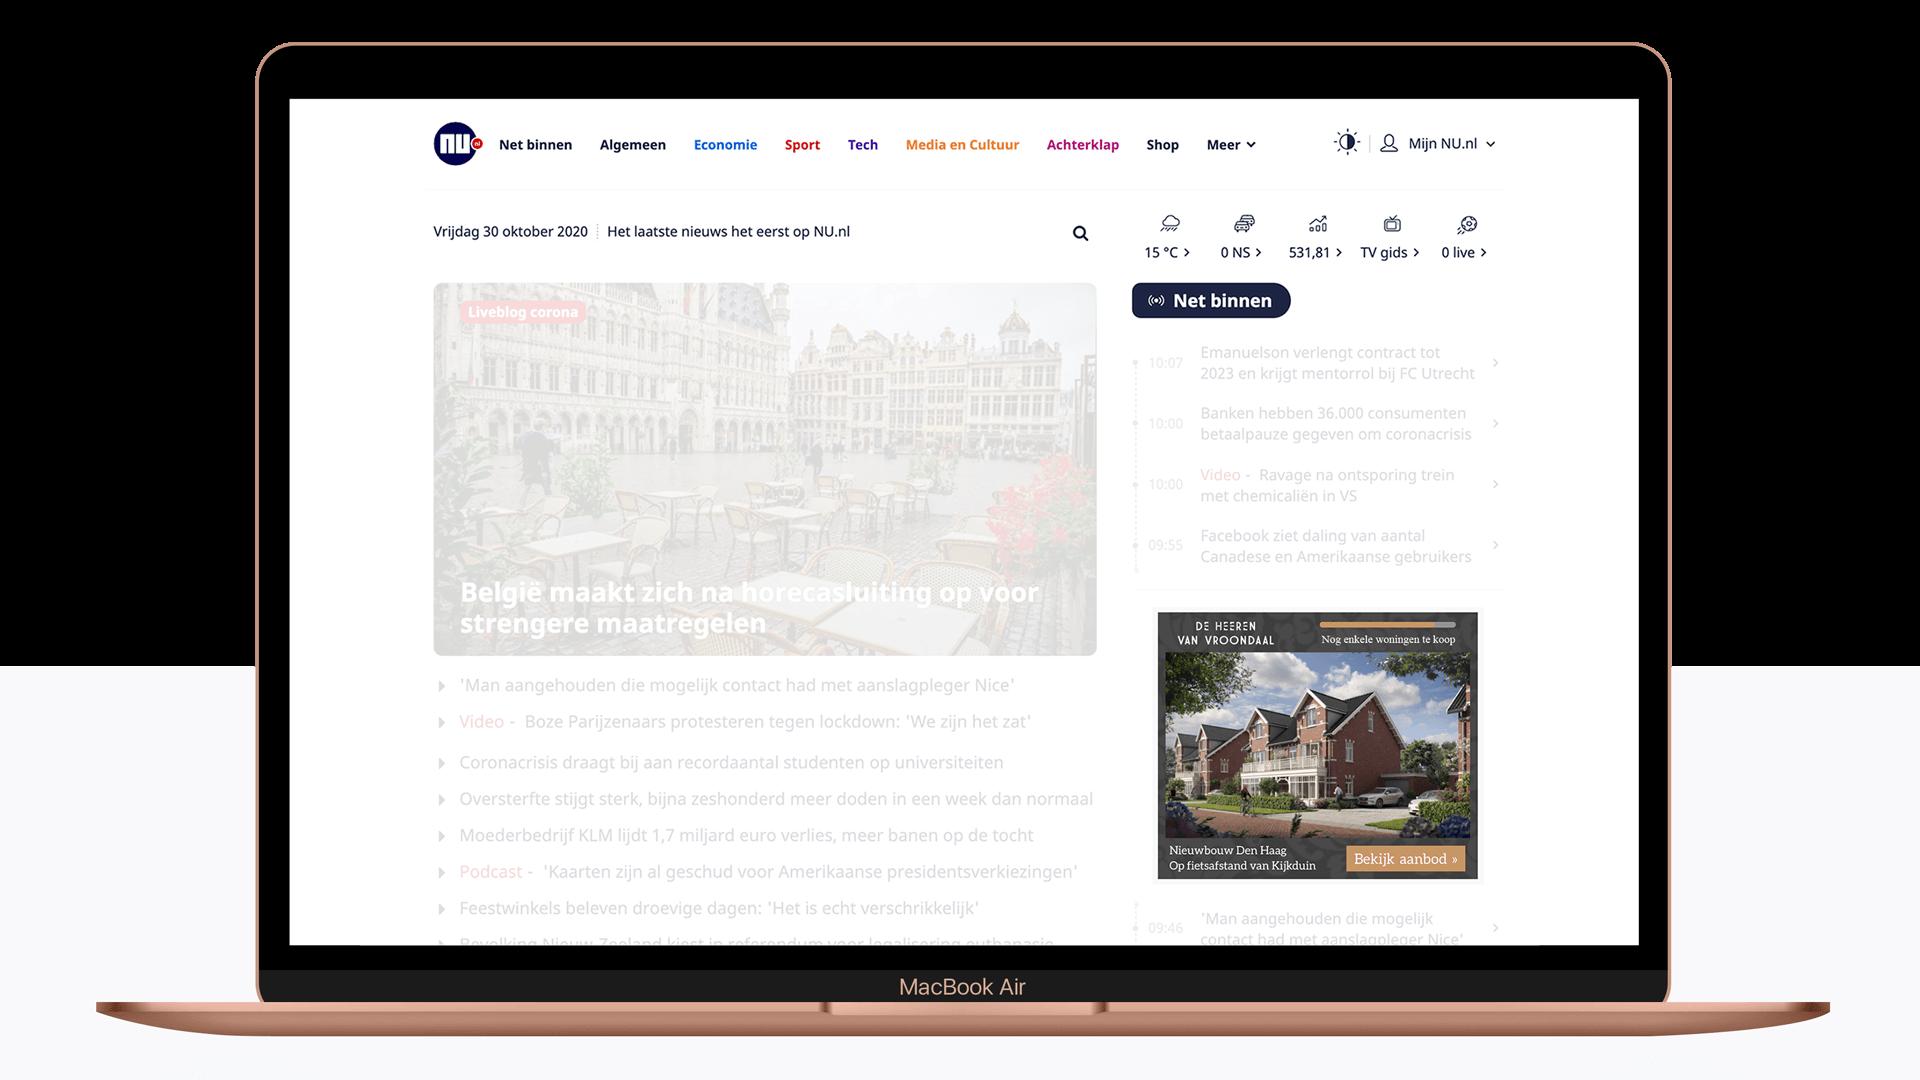 Online adverteren - Display Banner - De Heeren van Vroondaal - yoreM Digital in Real Estate